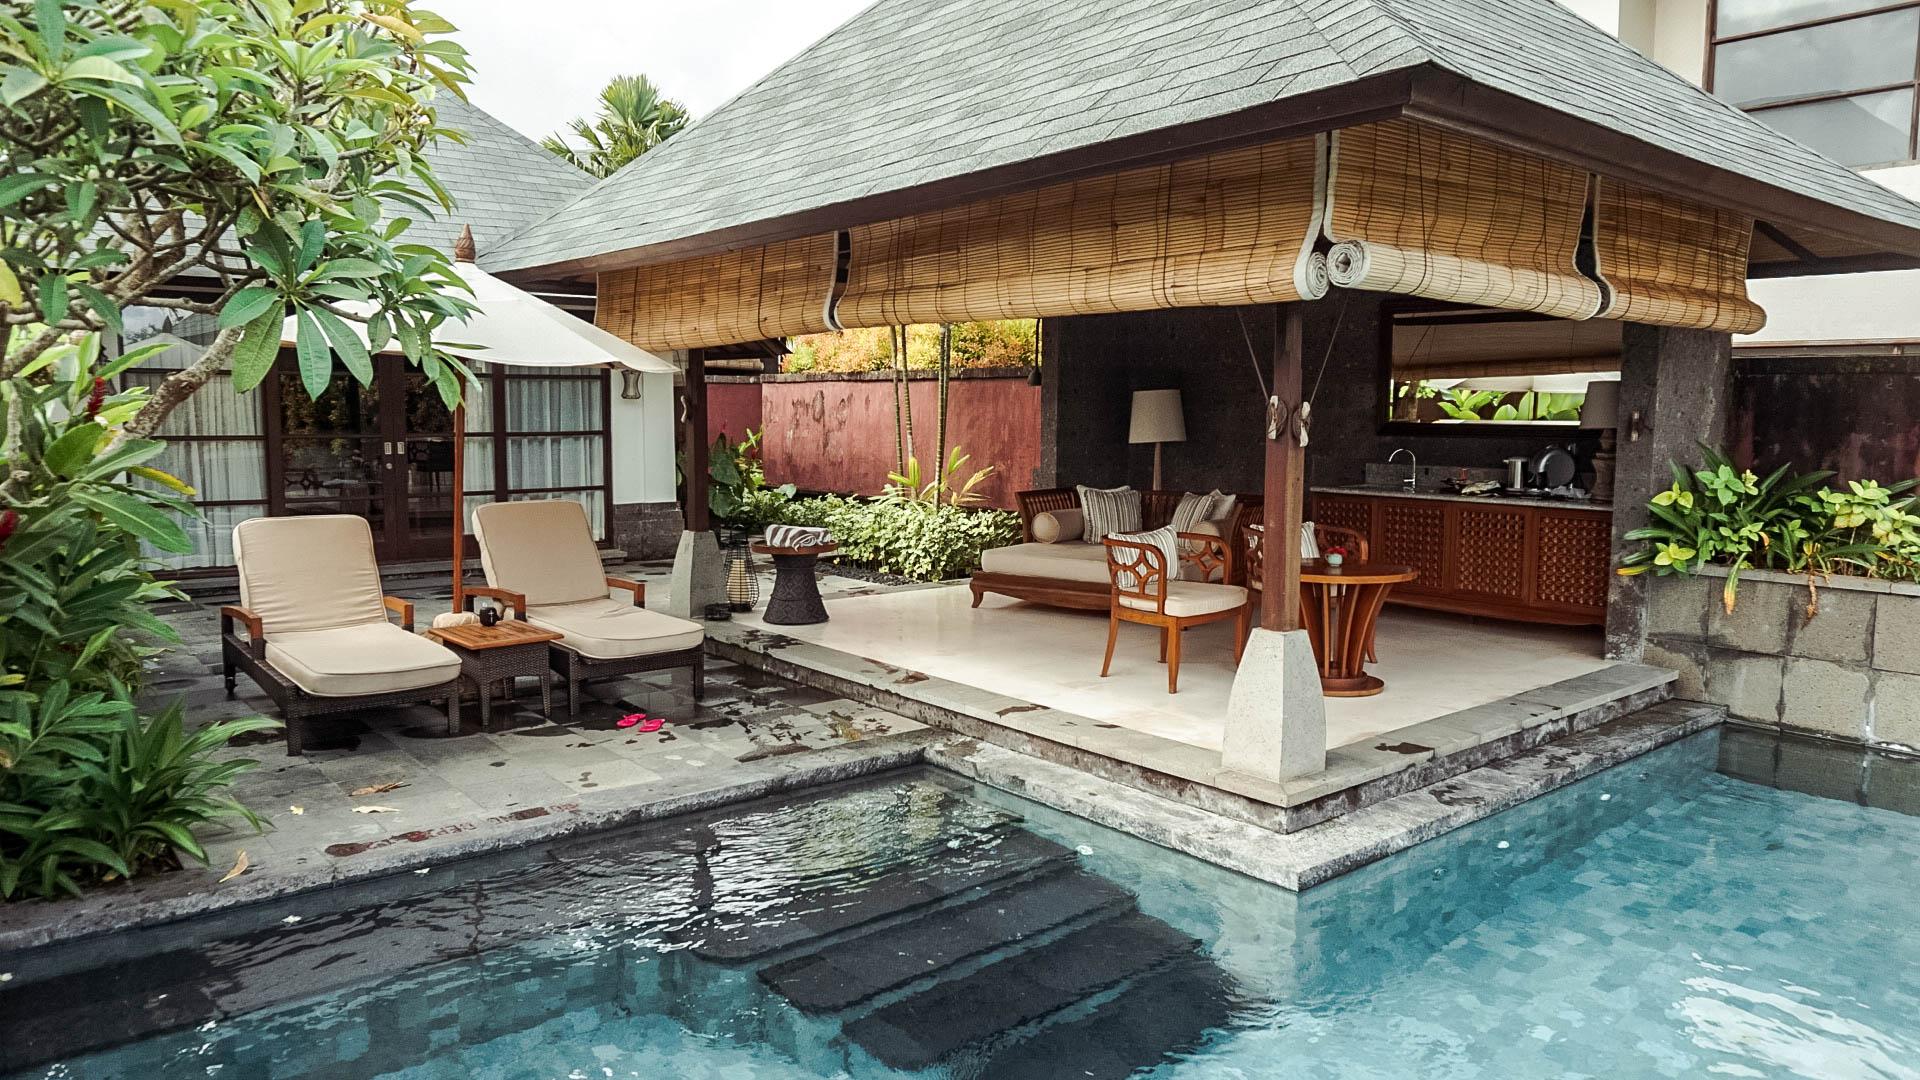 Hilton-bali-resort-1bedroom-villapool.jpg